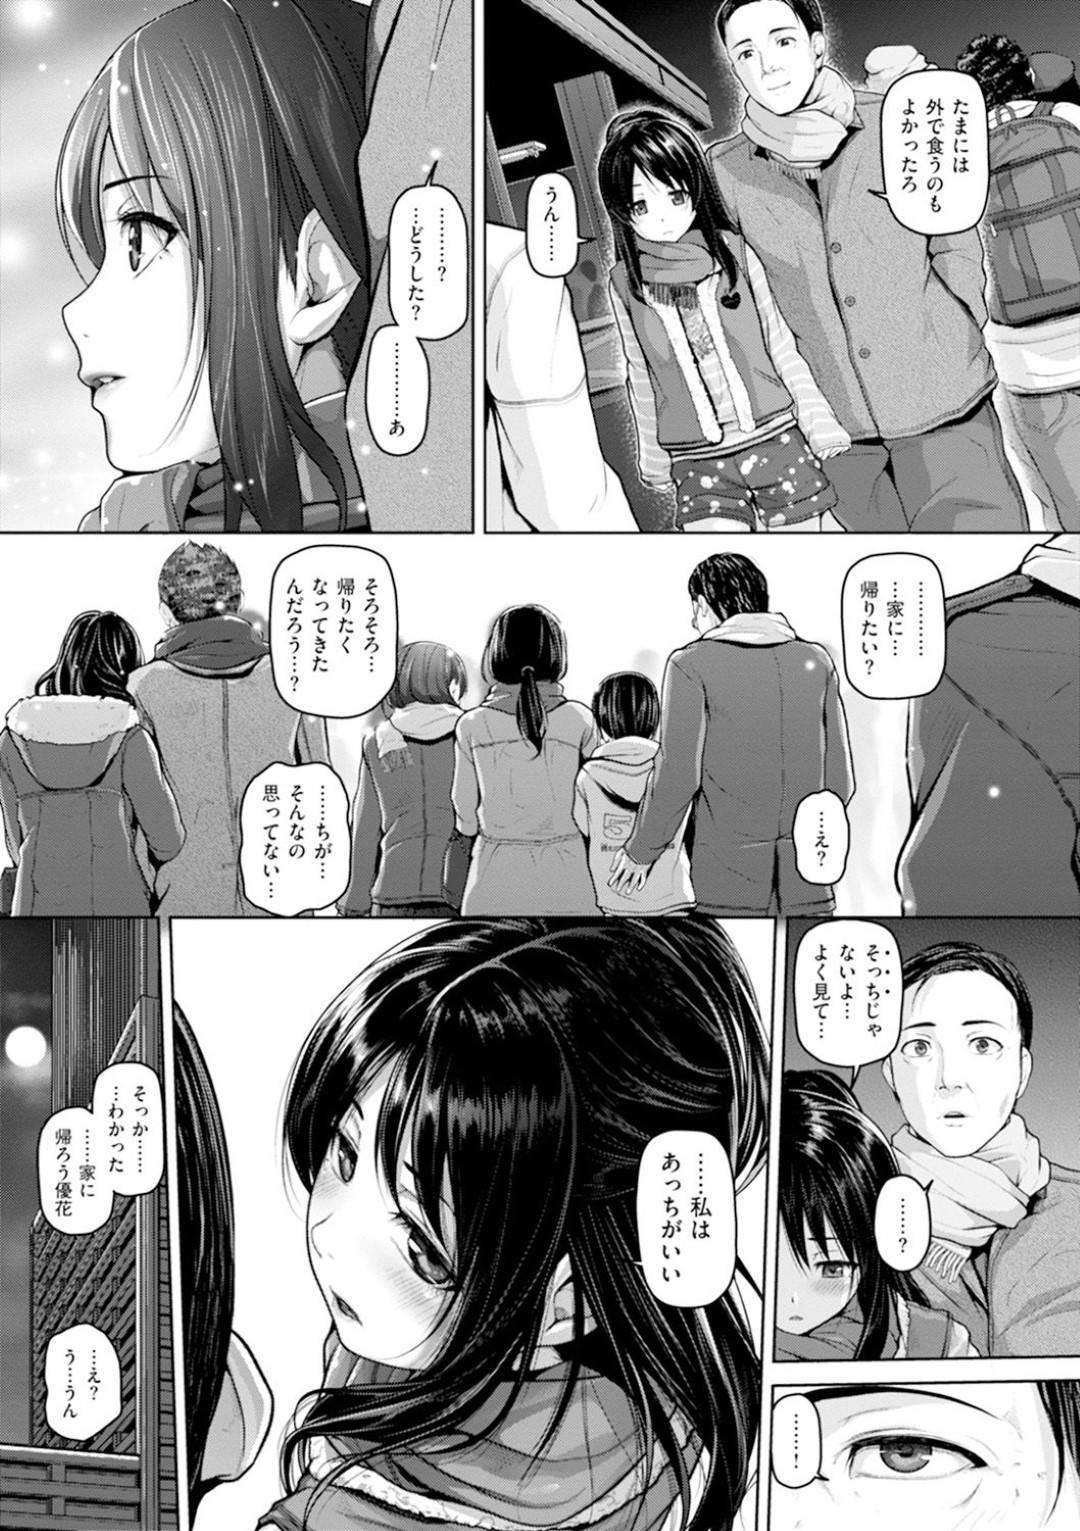 【エロ漫画】家出して路頭に迷っていた少女を面倒見てくれるおじさん。少女は感謝の気持があり、お礼させてよと懇願する。お風呂入ってるおじさんのとこへ潜入してフェラチオ。すっかりその気になったおじさんとH三昧の日々